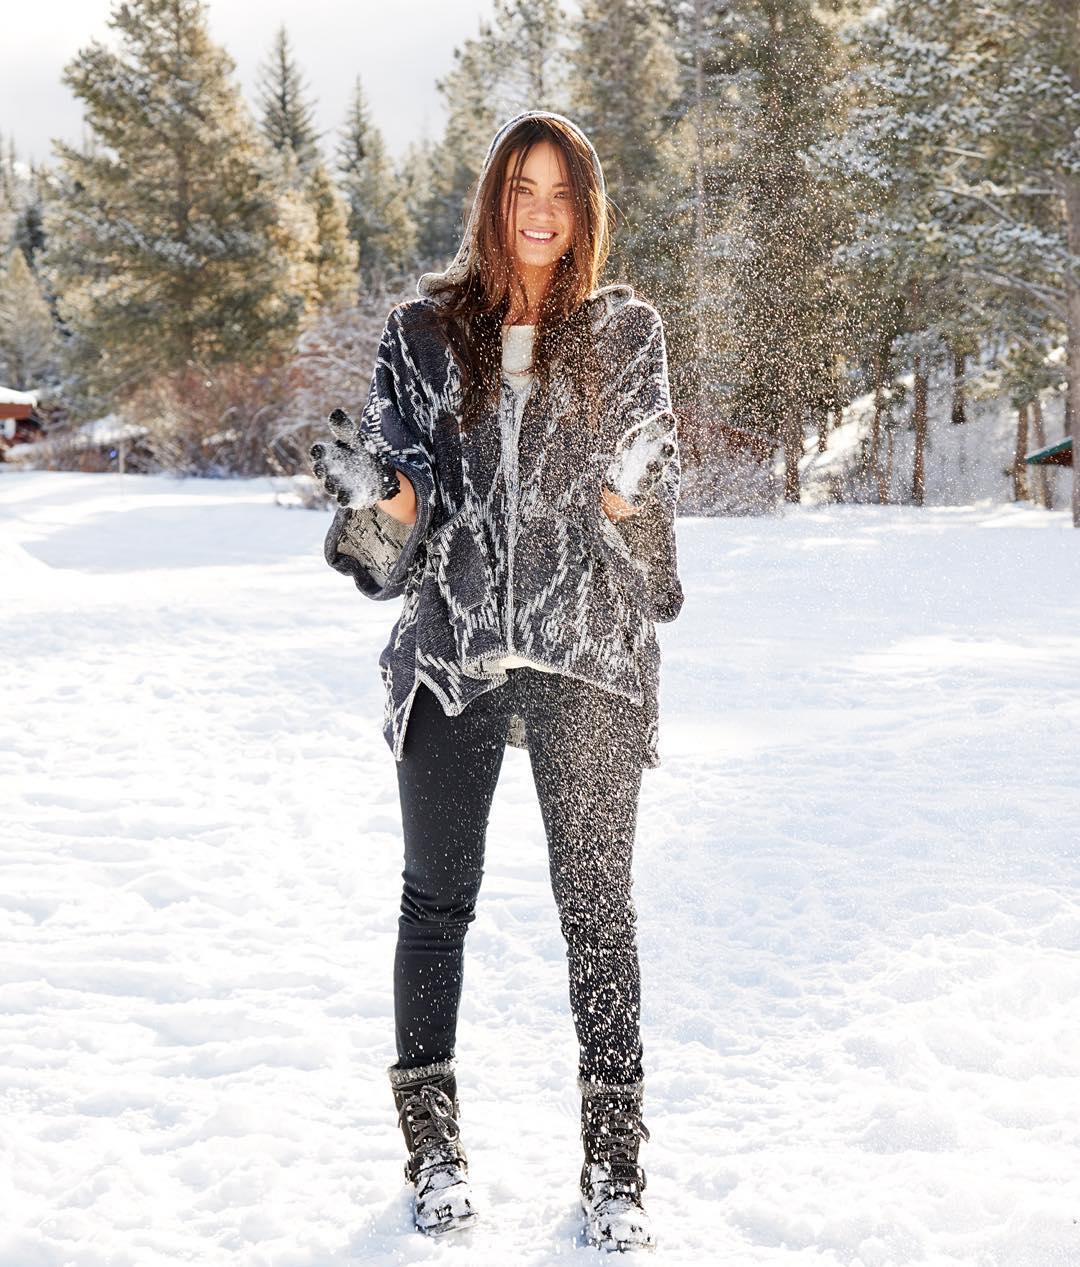 #ROXYready for Winter with cozy layers. @mariakuzma